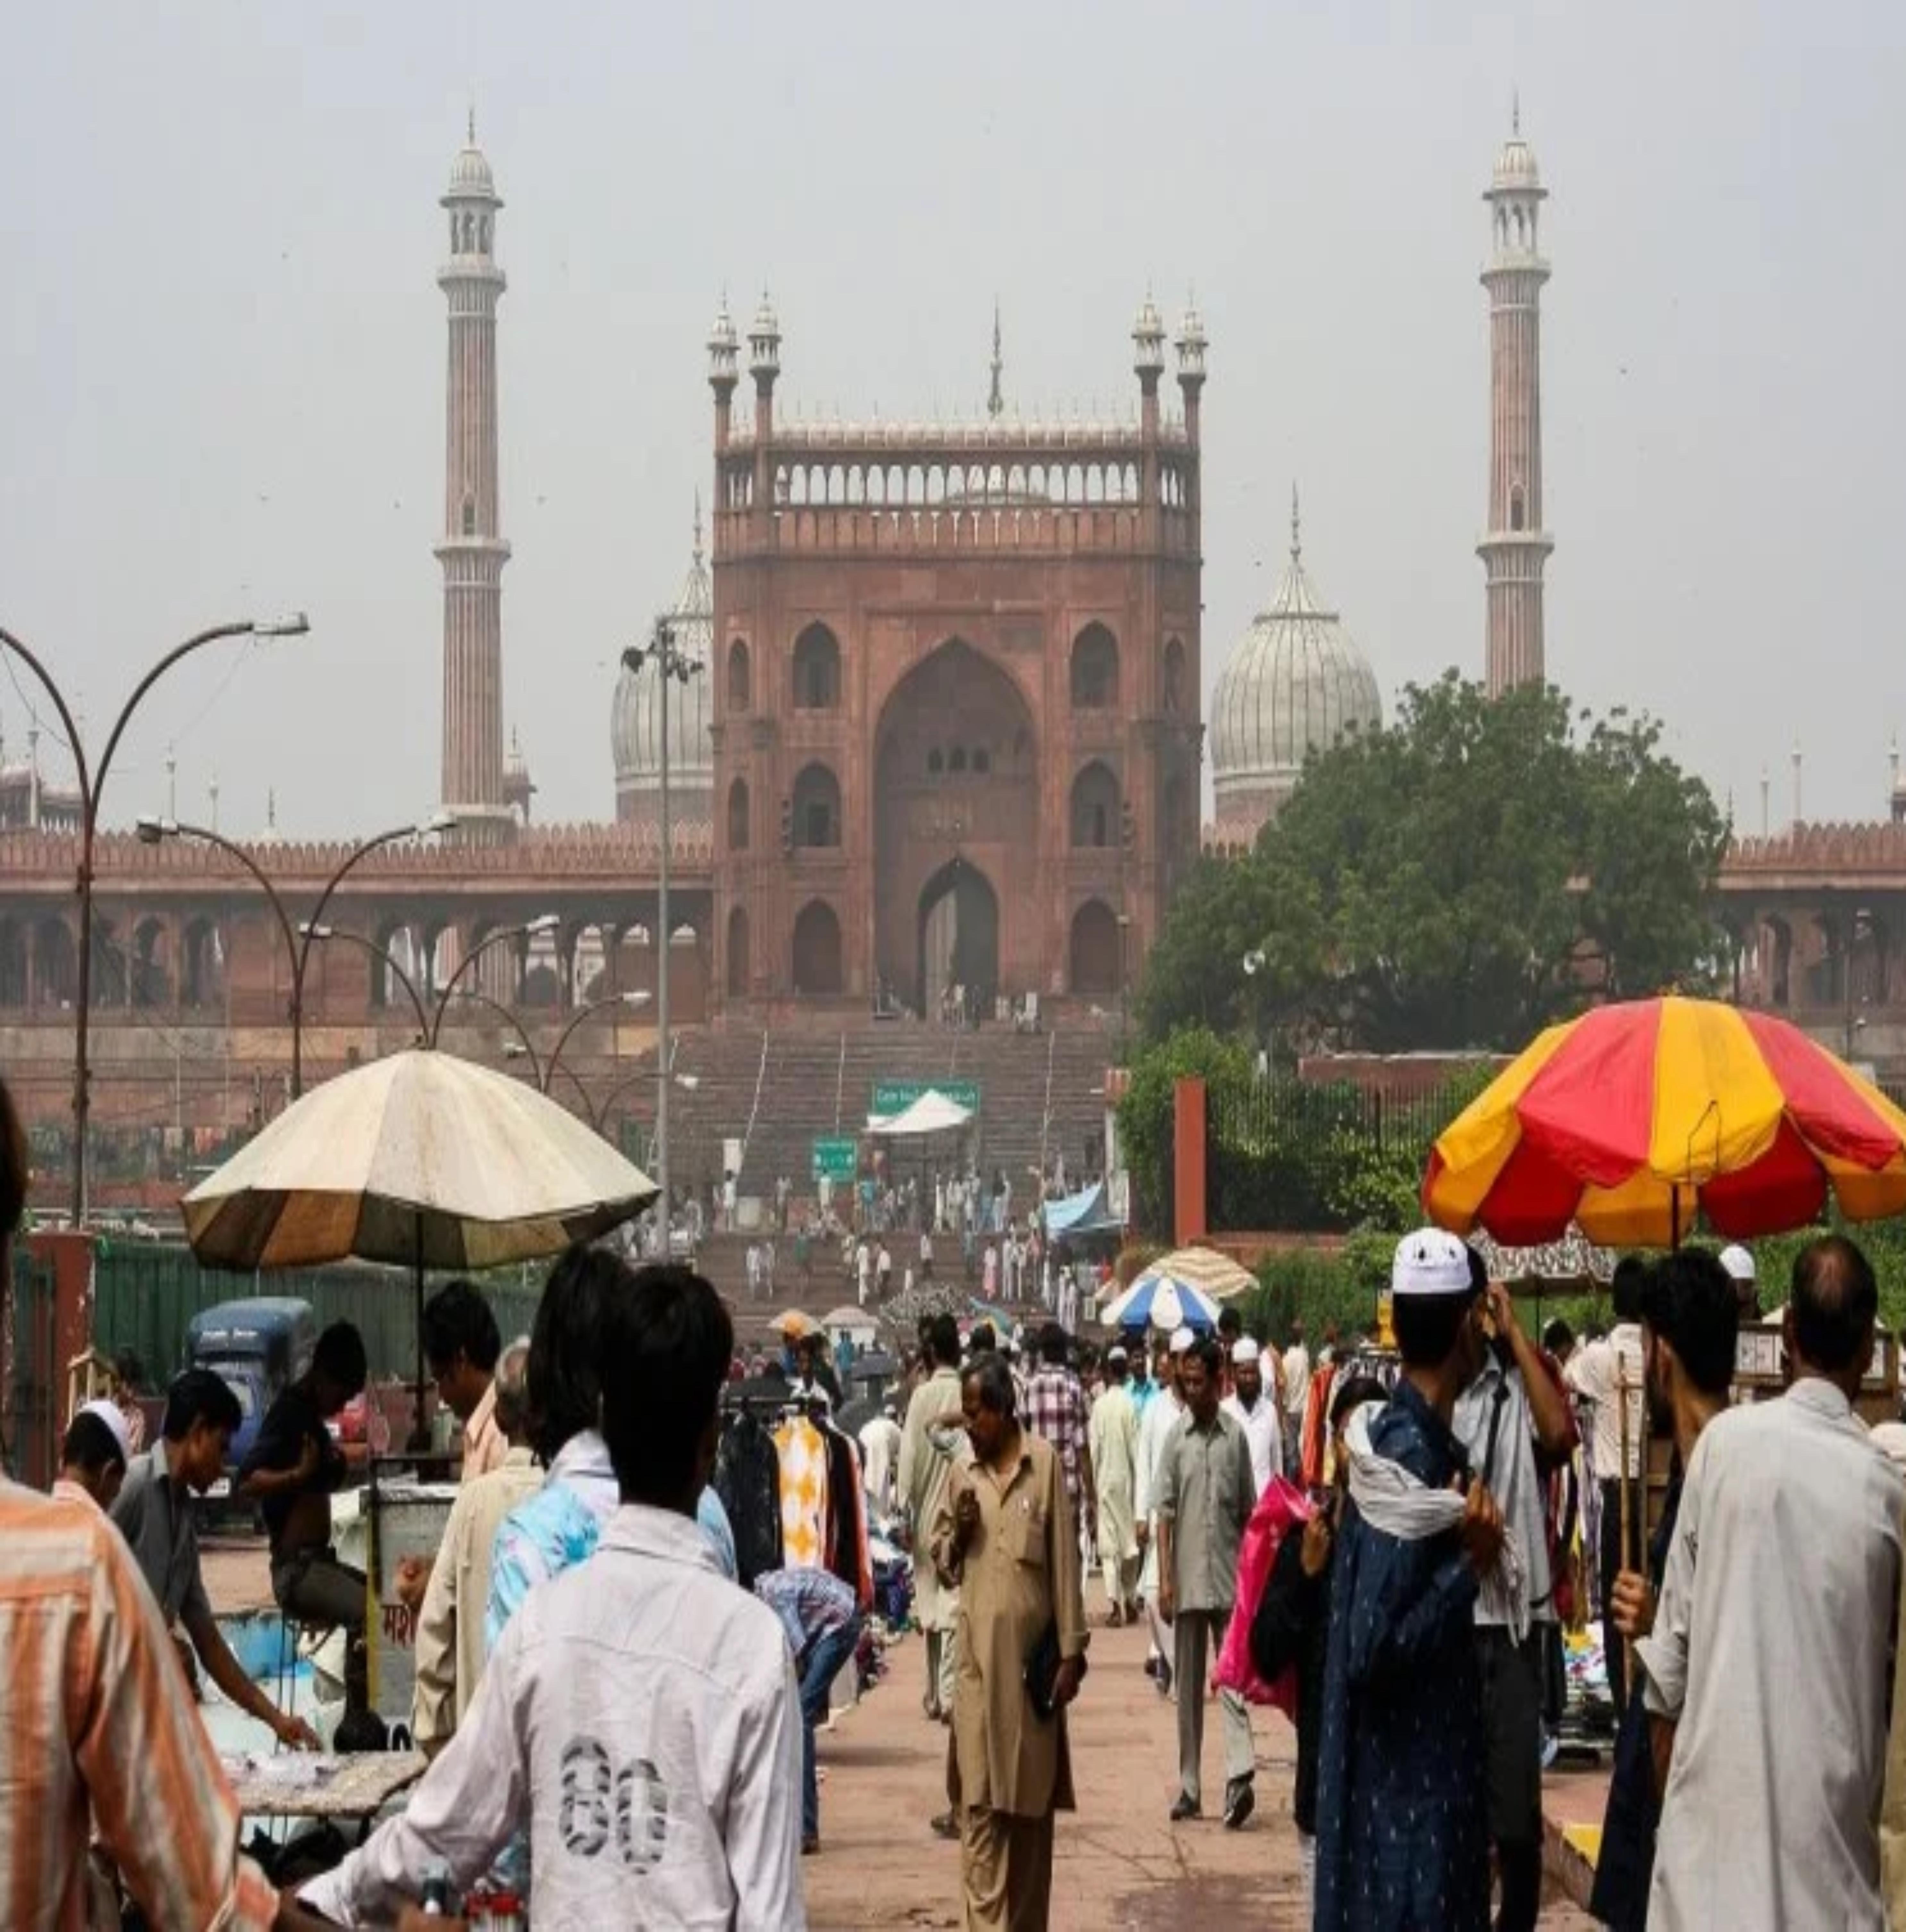 ये हैं दिल्ली के ऐसे बाज़ार, जहां आपको सस्ते में मिलेगा महंगा सामान